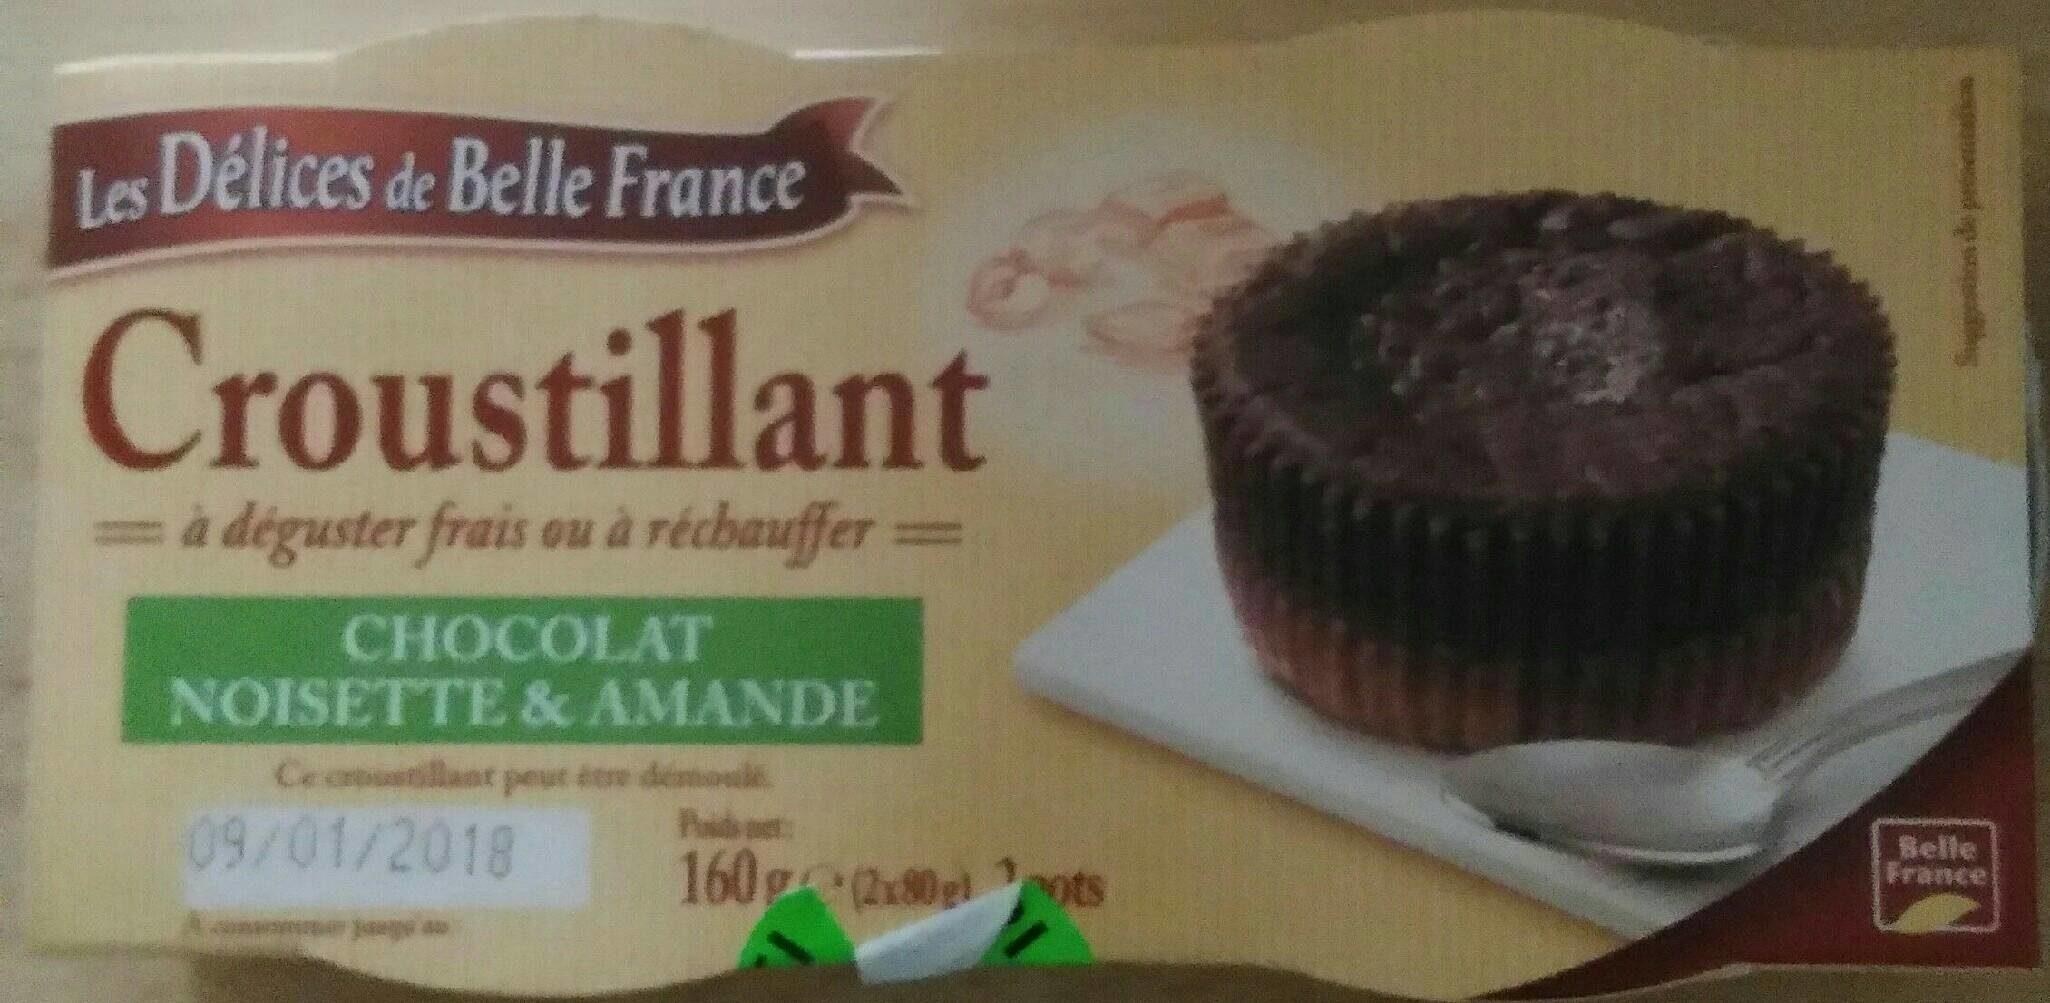 Croustillant chocolat noisette amande - Produit